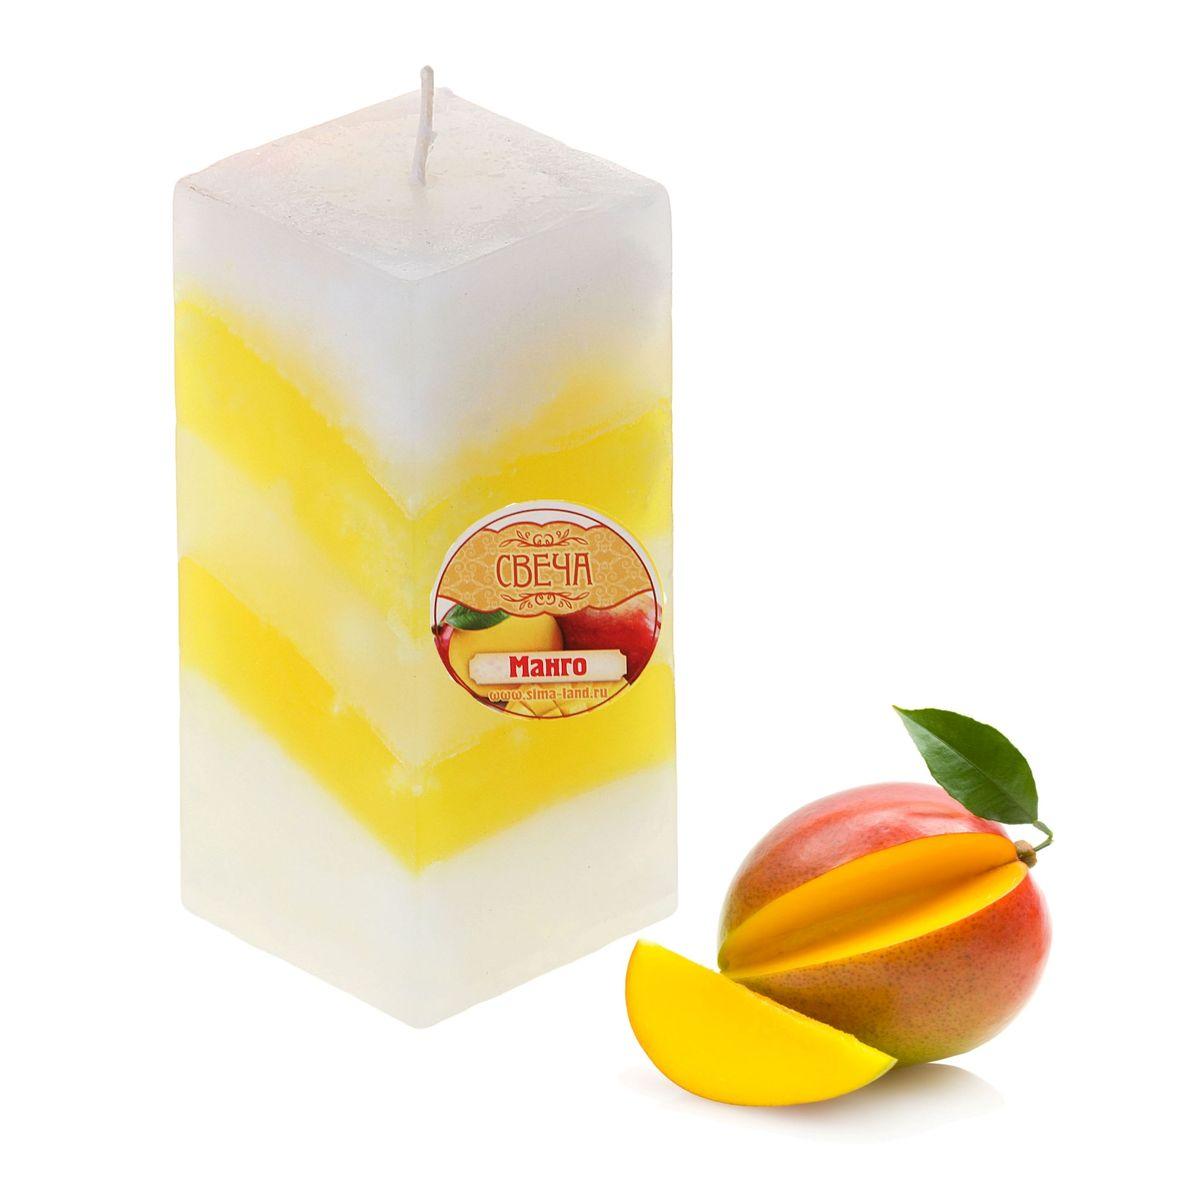 Свеча ароматизированная Sima-land Манго, высота 10 см. 849583849583Свеча ароматизированная Sima-land Манго выполнена из воска и оформлена в виде столбика. Свеча отличается ярким дизайном и сочным ароматом манго, который понравится как женщинам, так и мужчинам. Создайте для себя и своих близких не забываемую атмосферу праздника и уюта в доме. Свеча будет радовать свежим ароматом и раскрасит серые будни яркими красками.